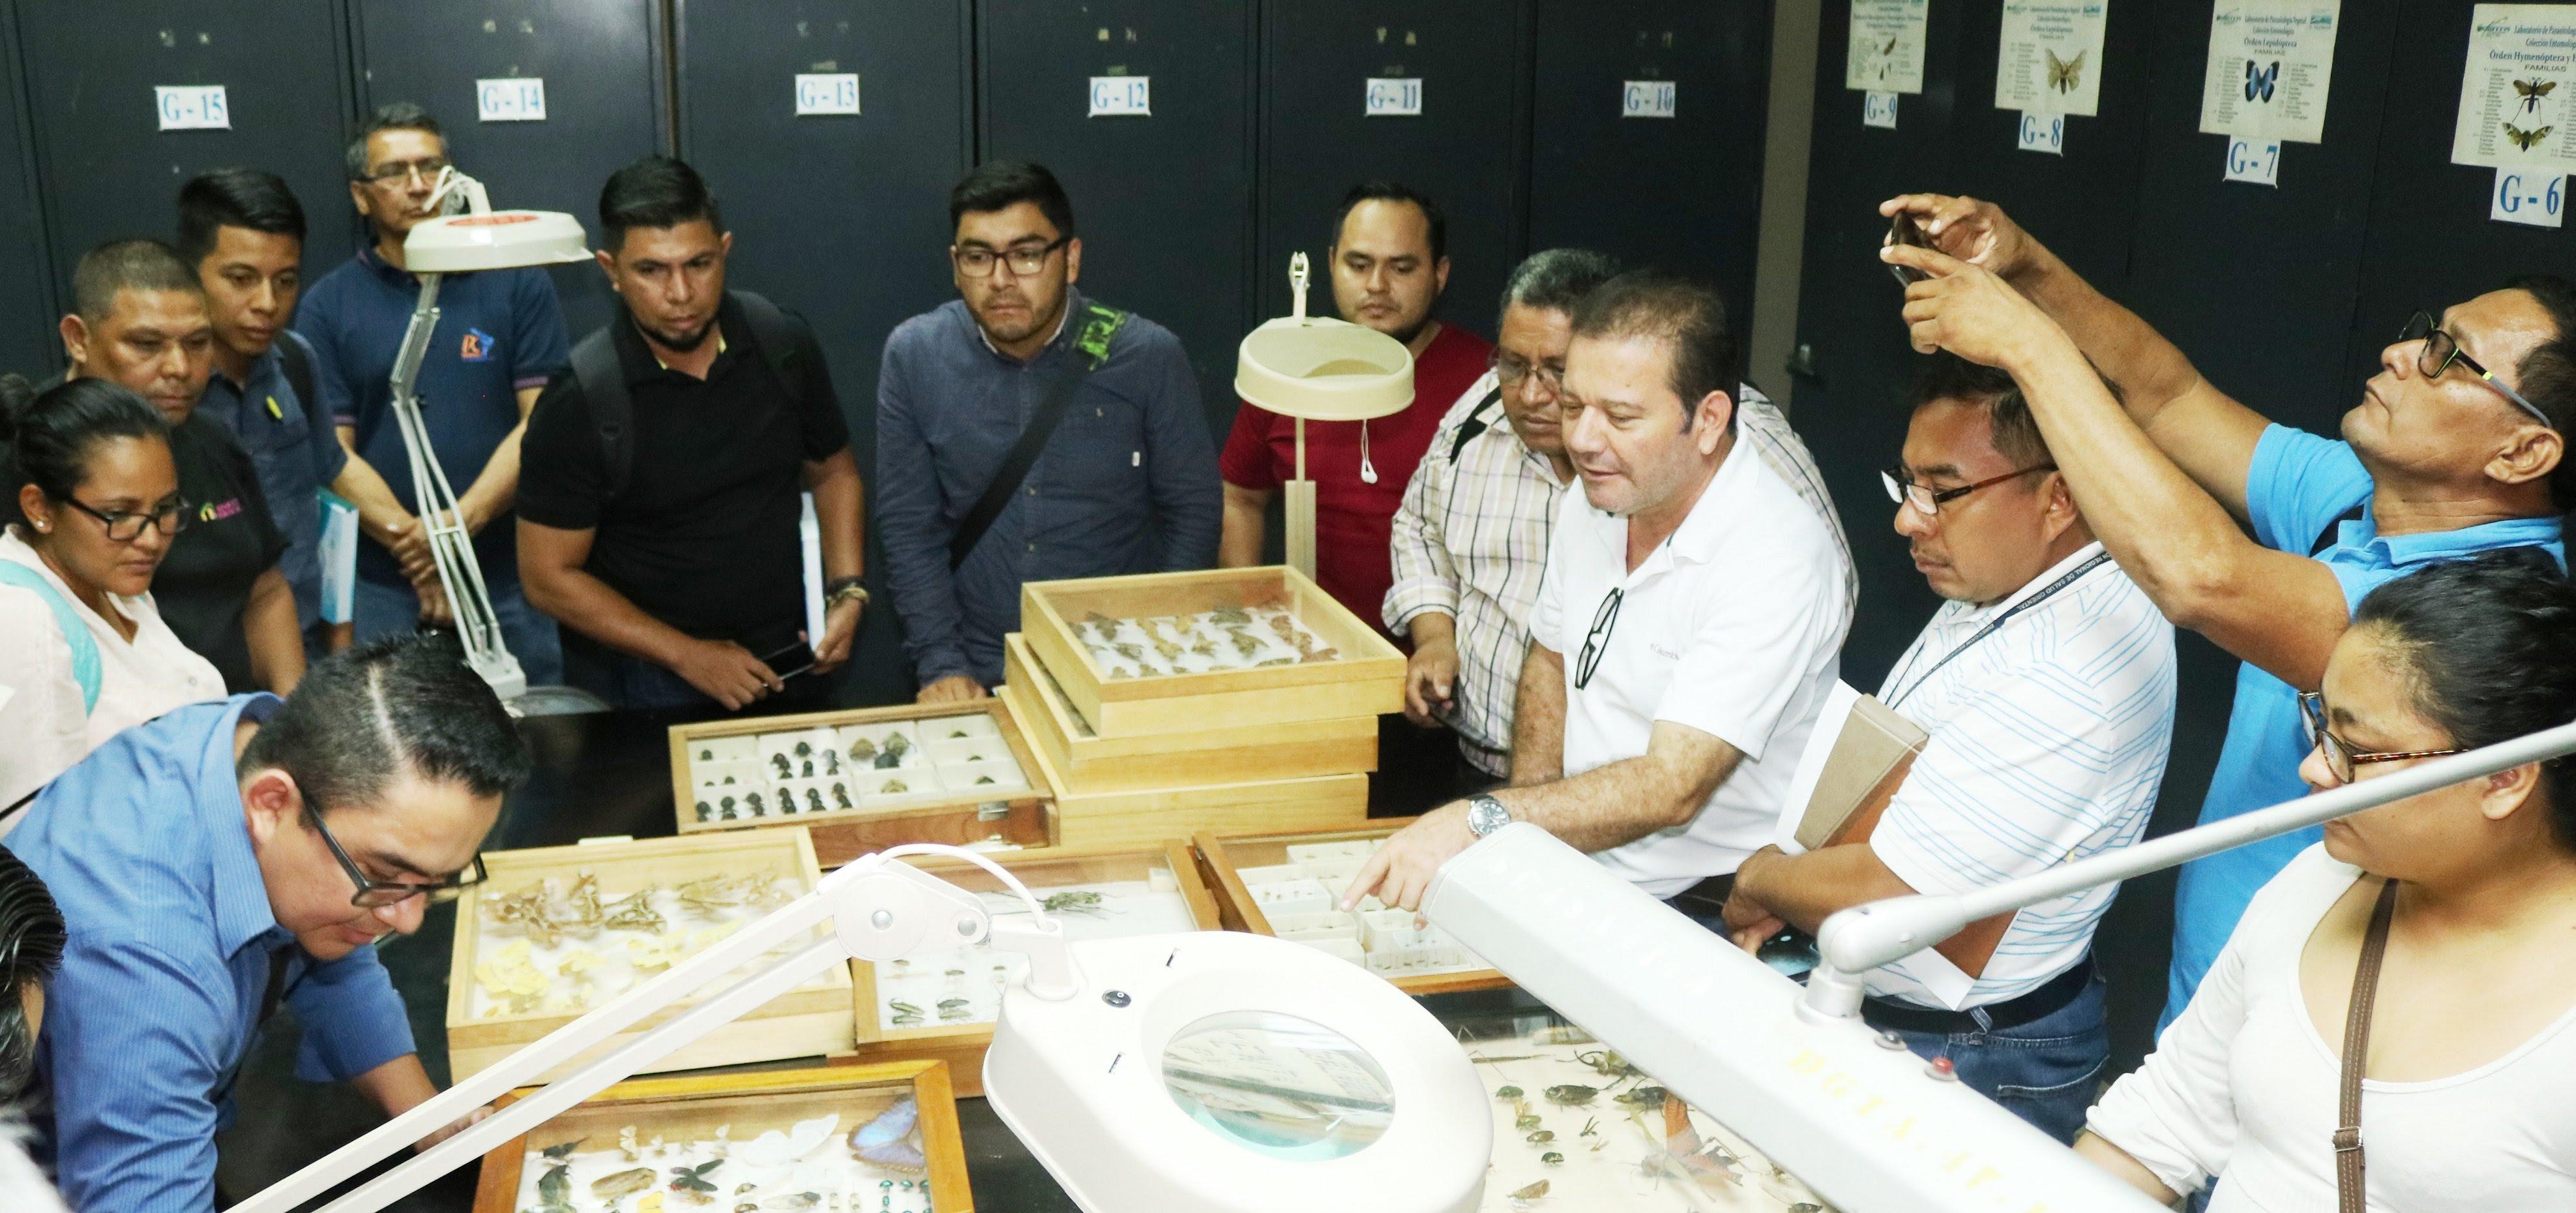 PROFESIONALES DEL MINSAL FORTALECEN CONOCIMIENTOS EN MUSEO ENTOMOLÓGICO PARA PREVENIR Y CONTROLAR VECTORES